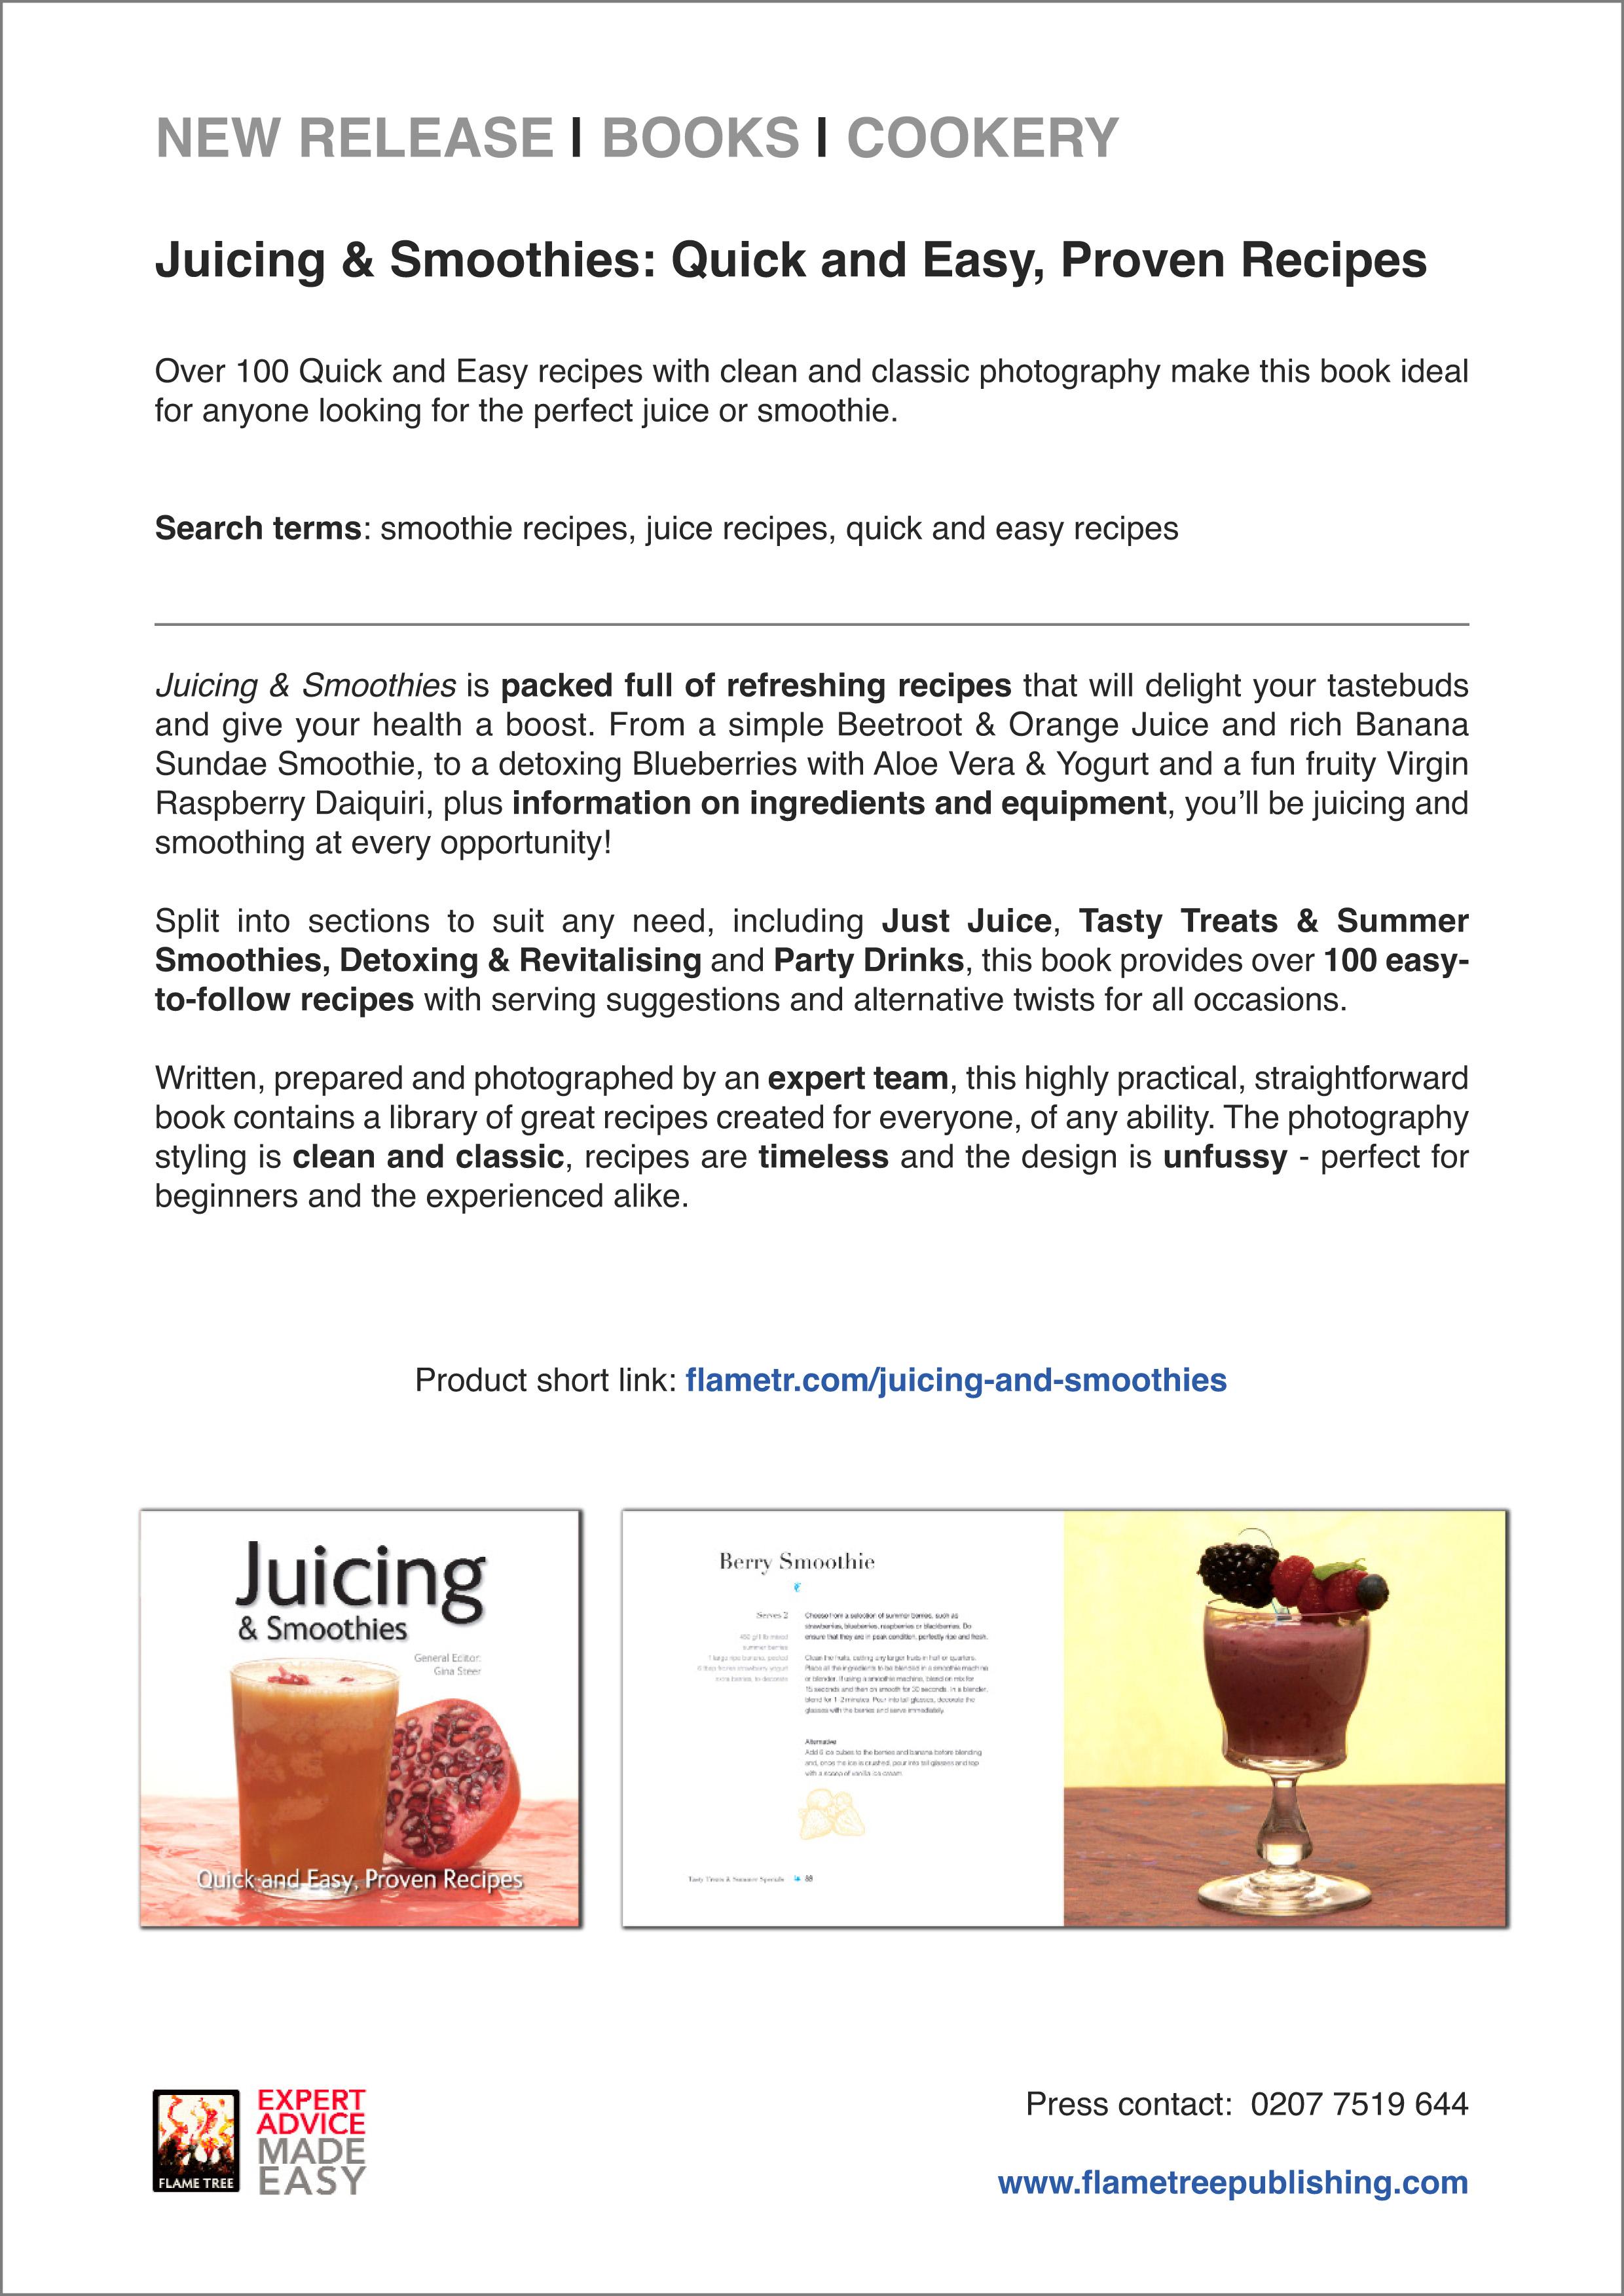 Juicing_Press_Release_PR.jpg